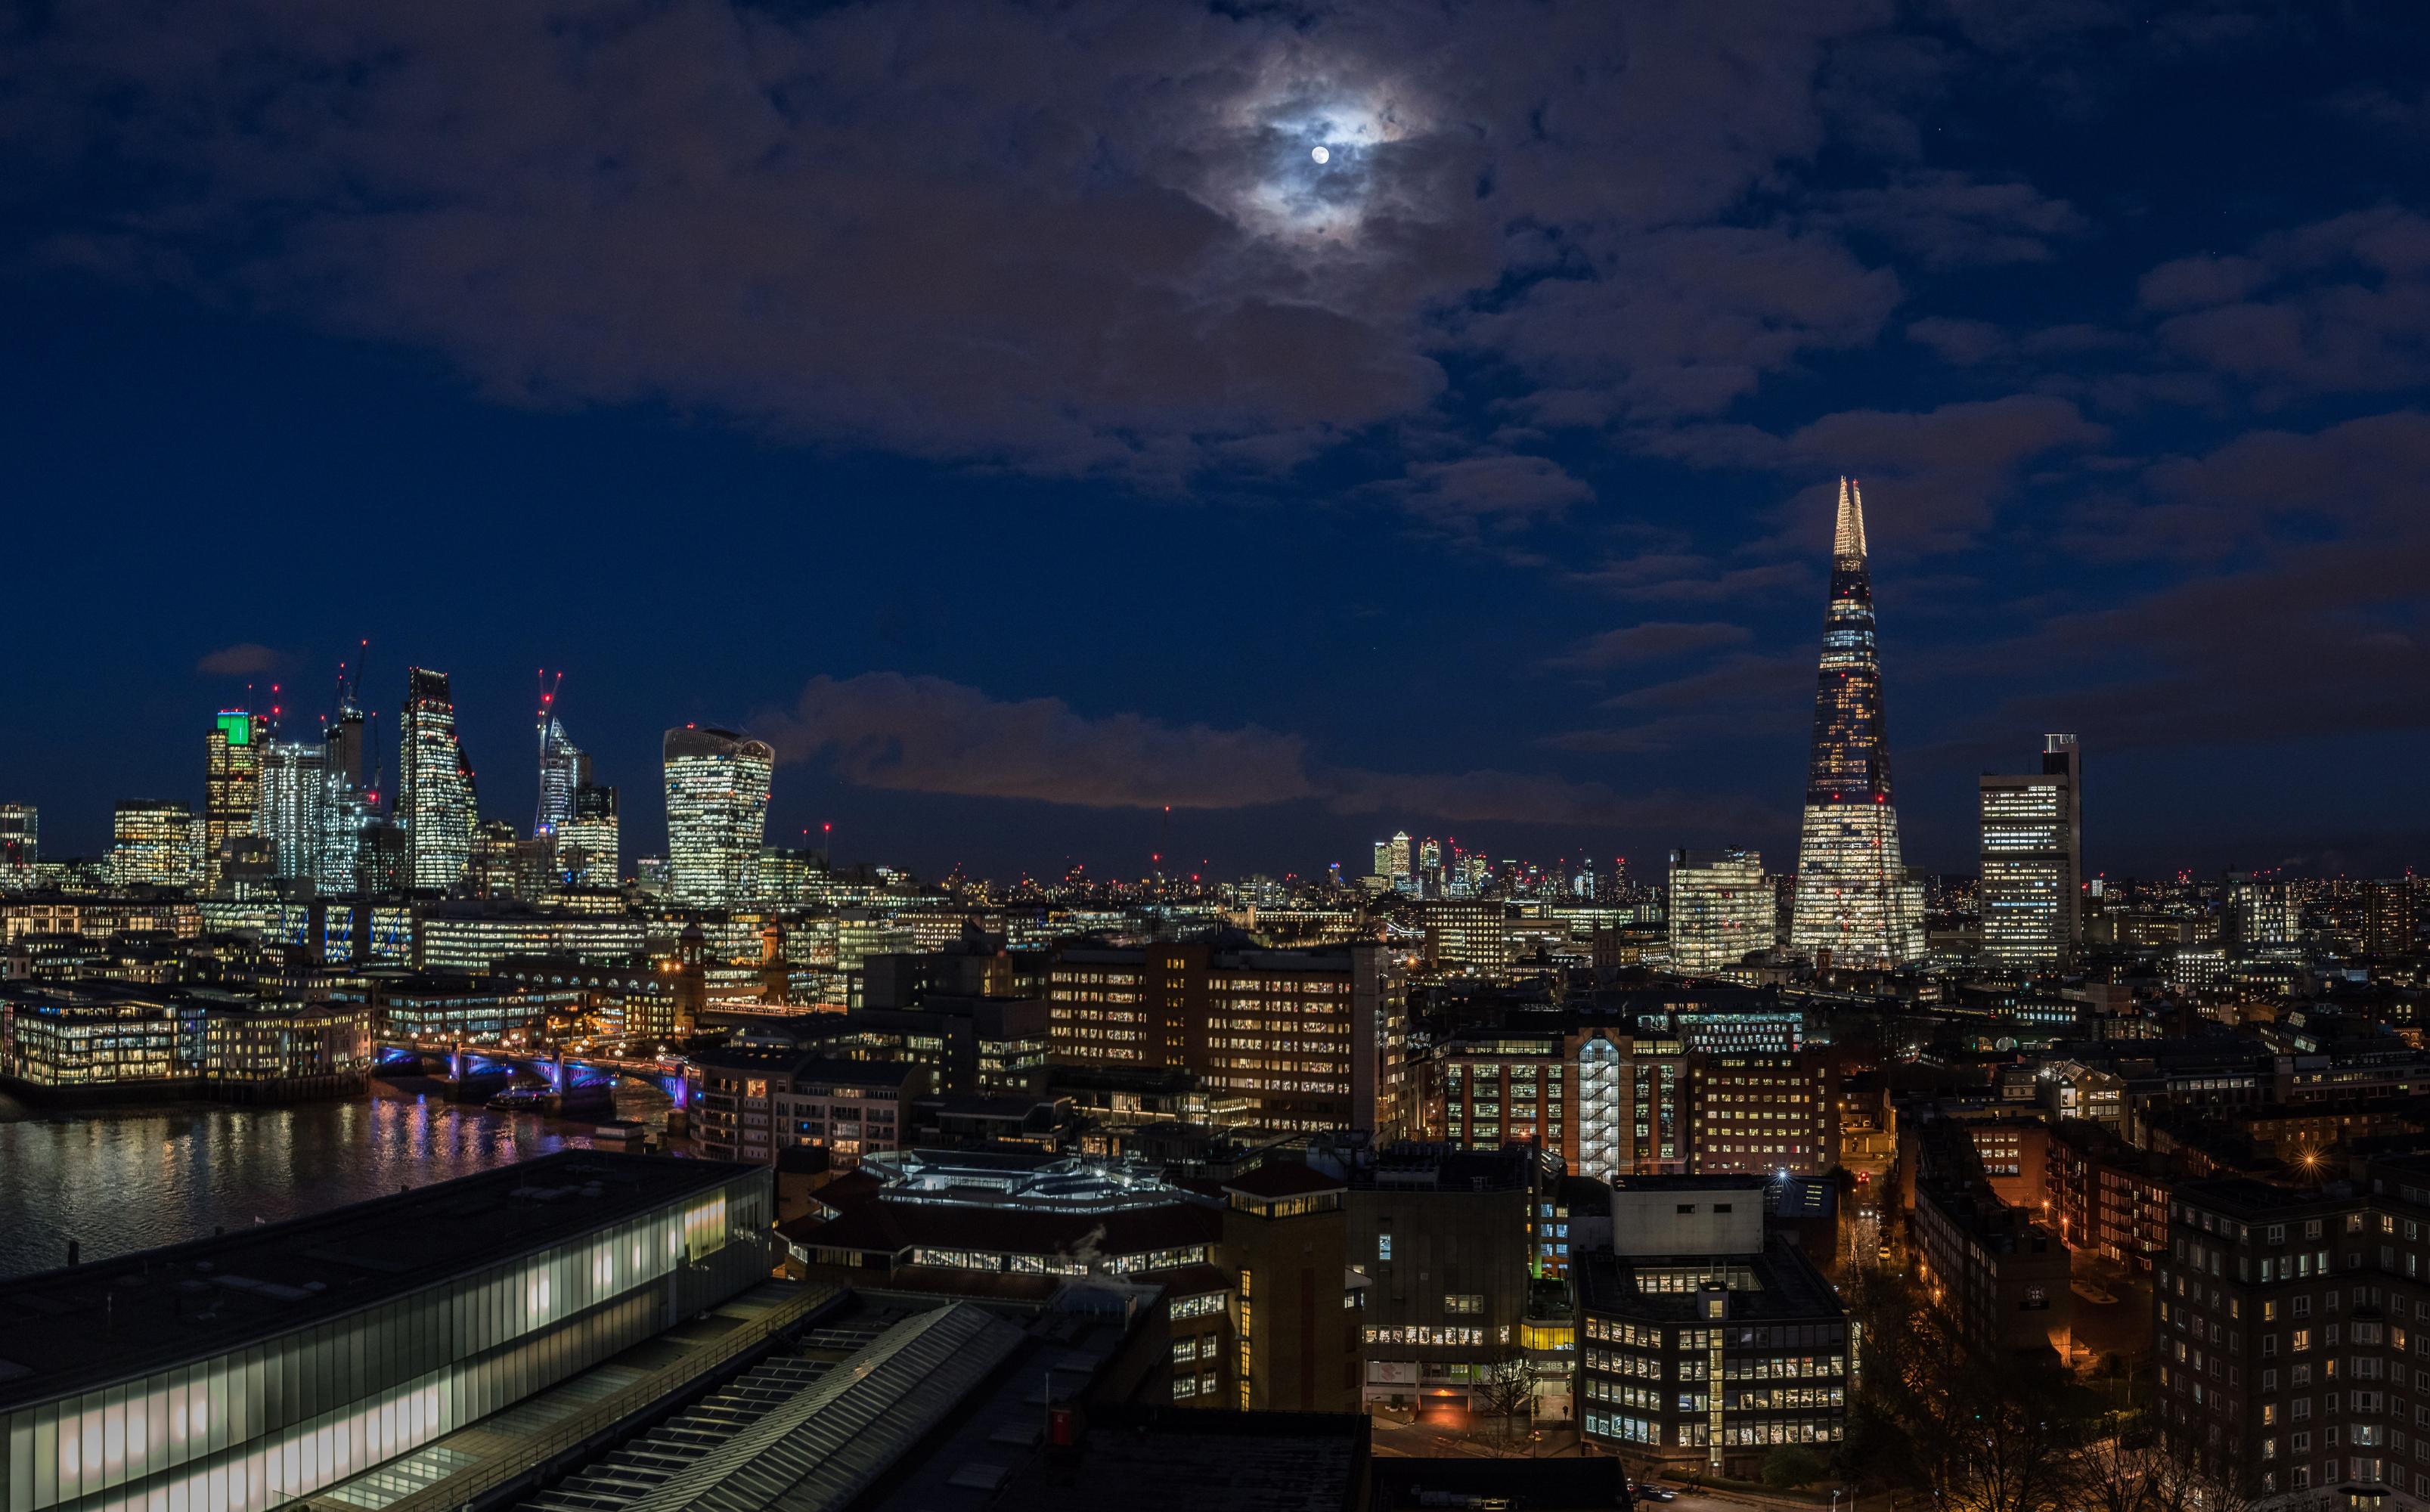 Обои Лондон Англия луны Небо Ночь Дома город 3214x2000 лондоне Луна луной ночью в ночи Ночные Города Здания